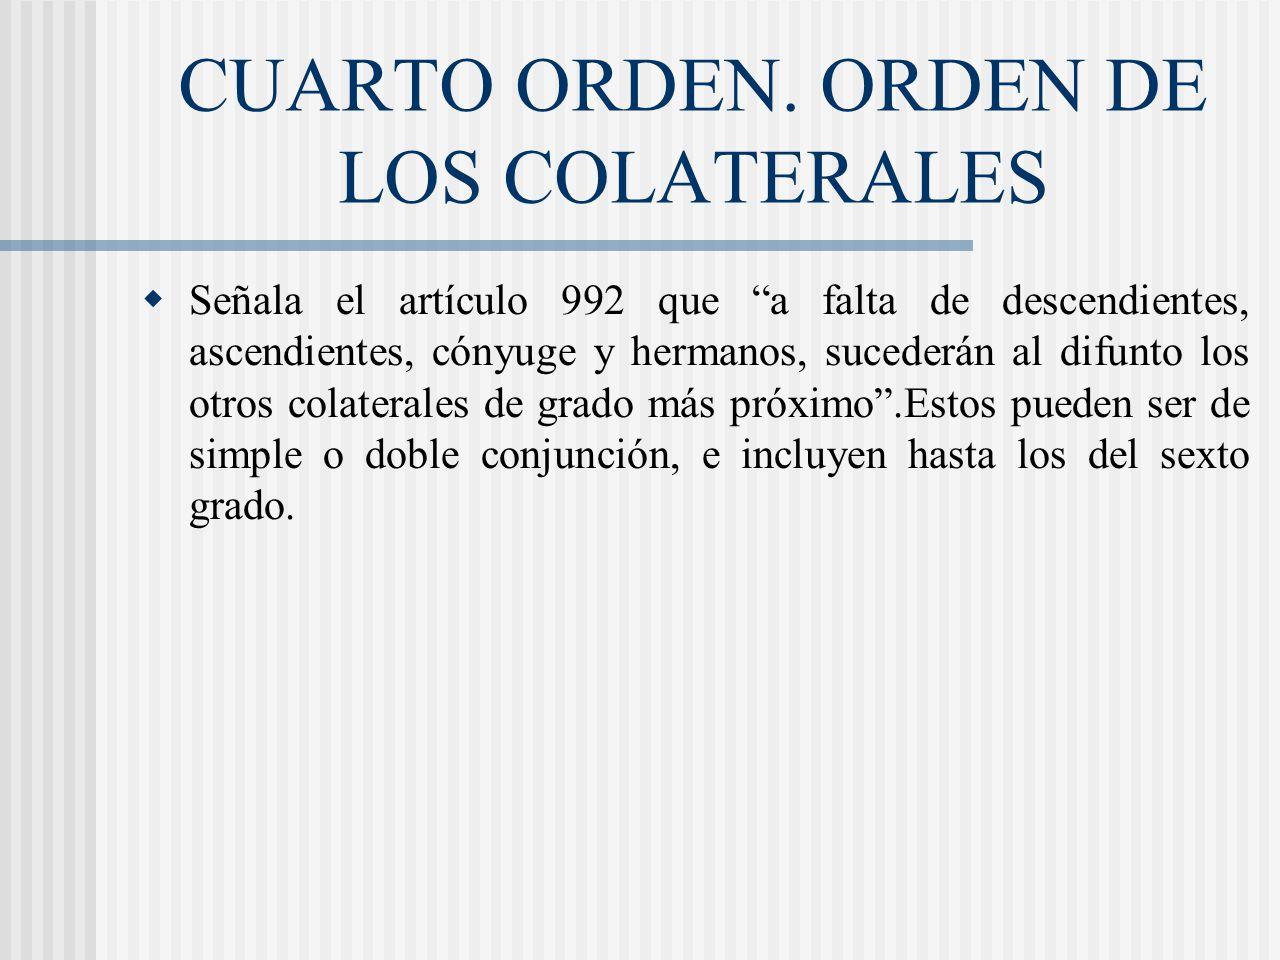 CUARTO ORDEN. ORDEN DE LOS COLATERALES